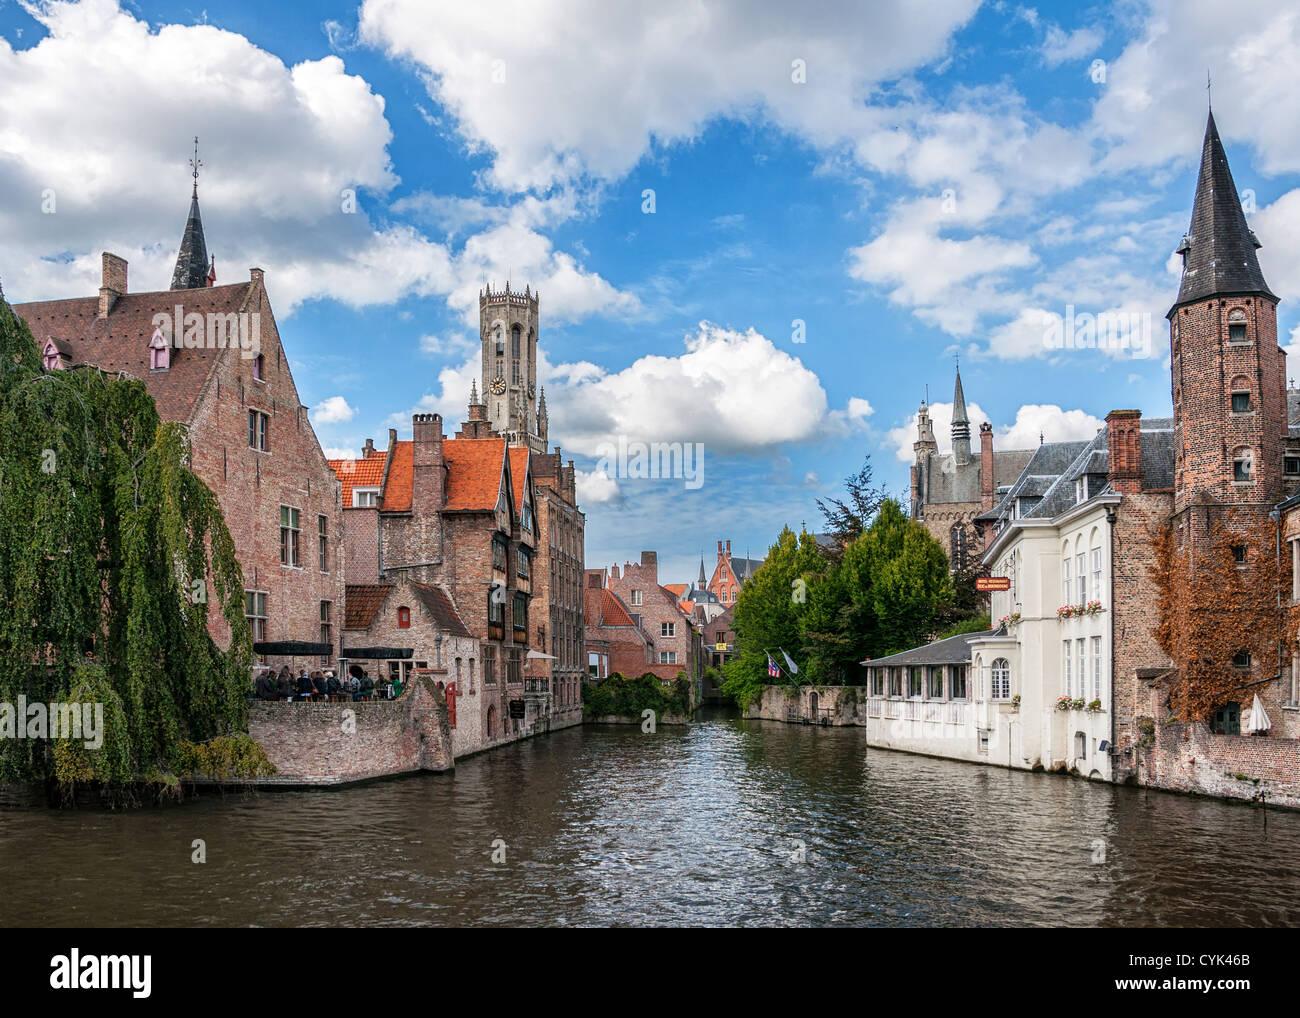 La maggior parte dei punti di vista comuni del borgo medievale di Bruges e contro blu cielo nuvoloso. Immagini Stock